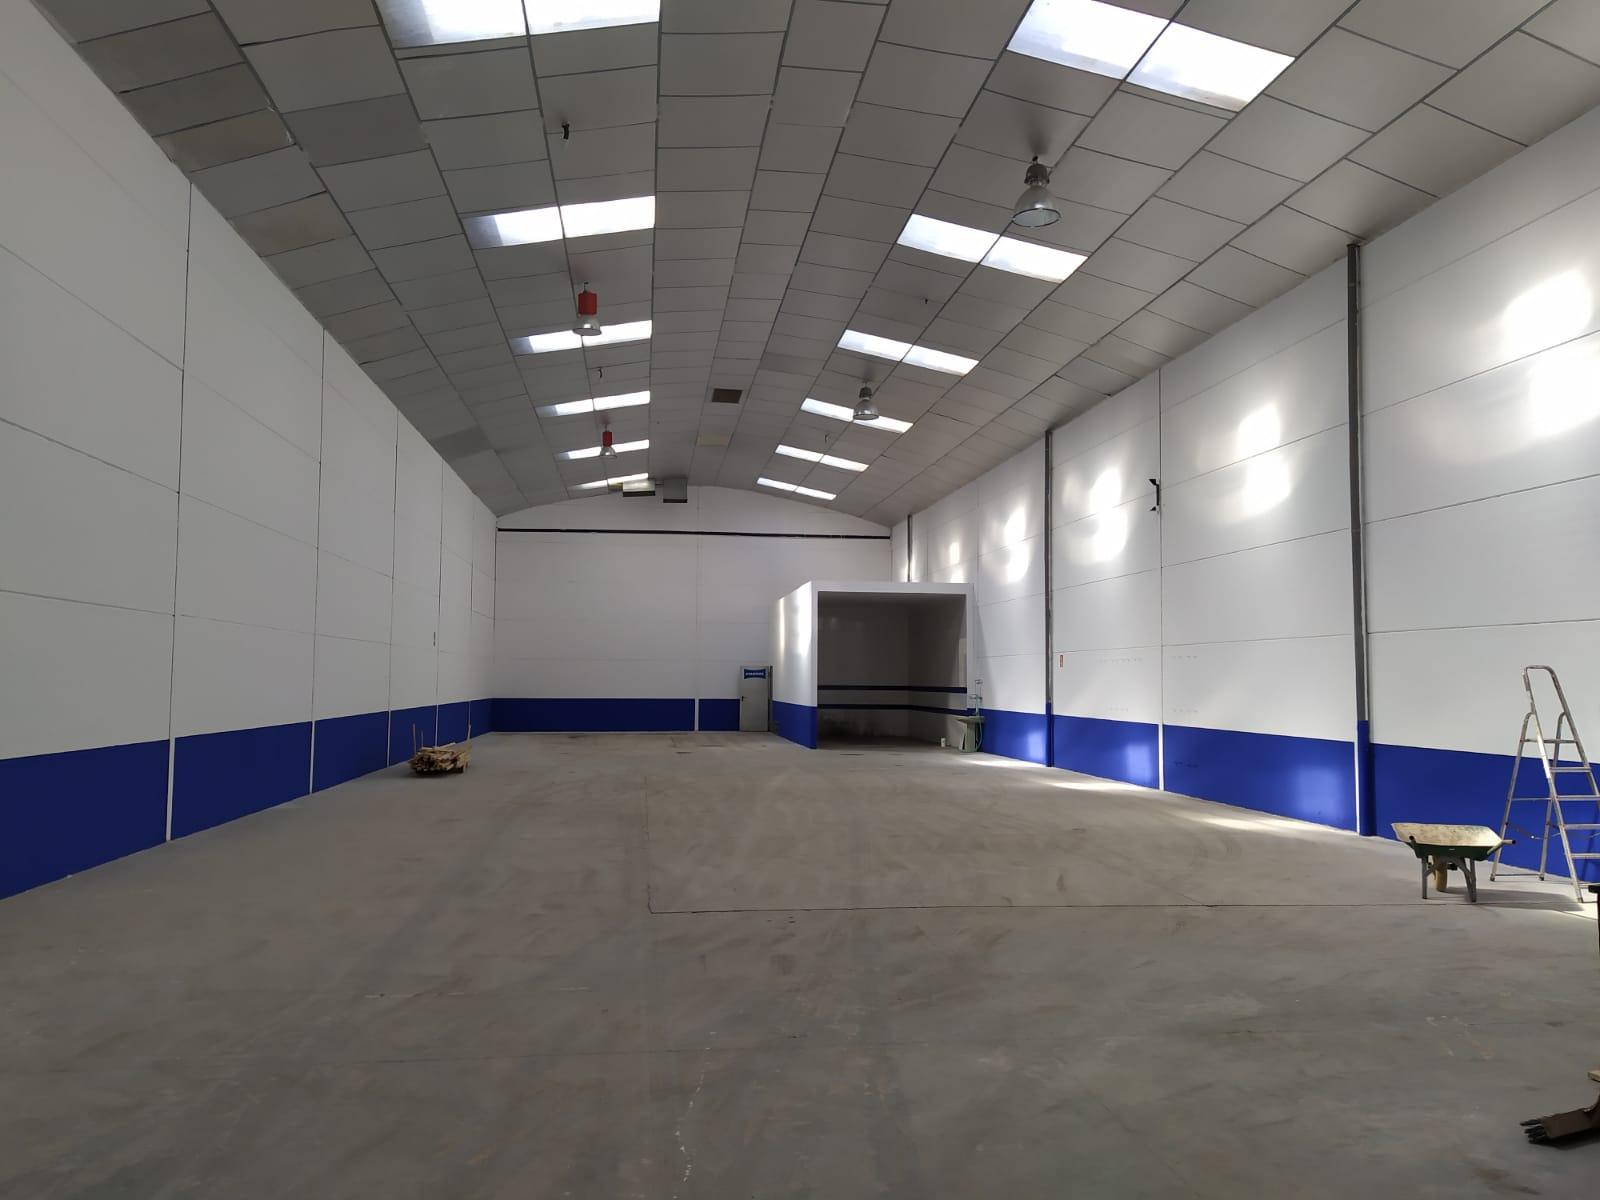 Commercial walls 500 sq m